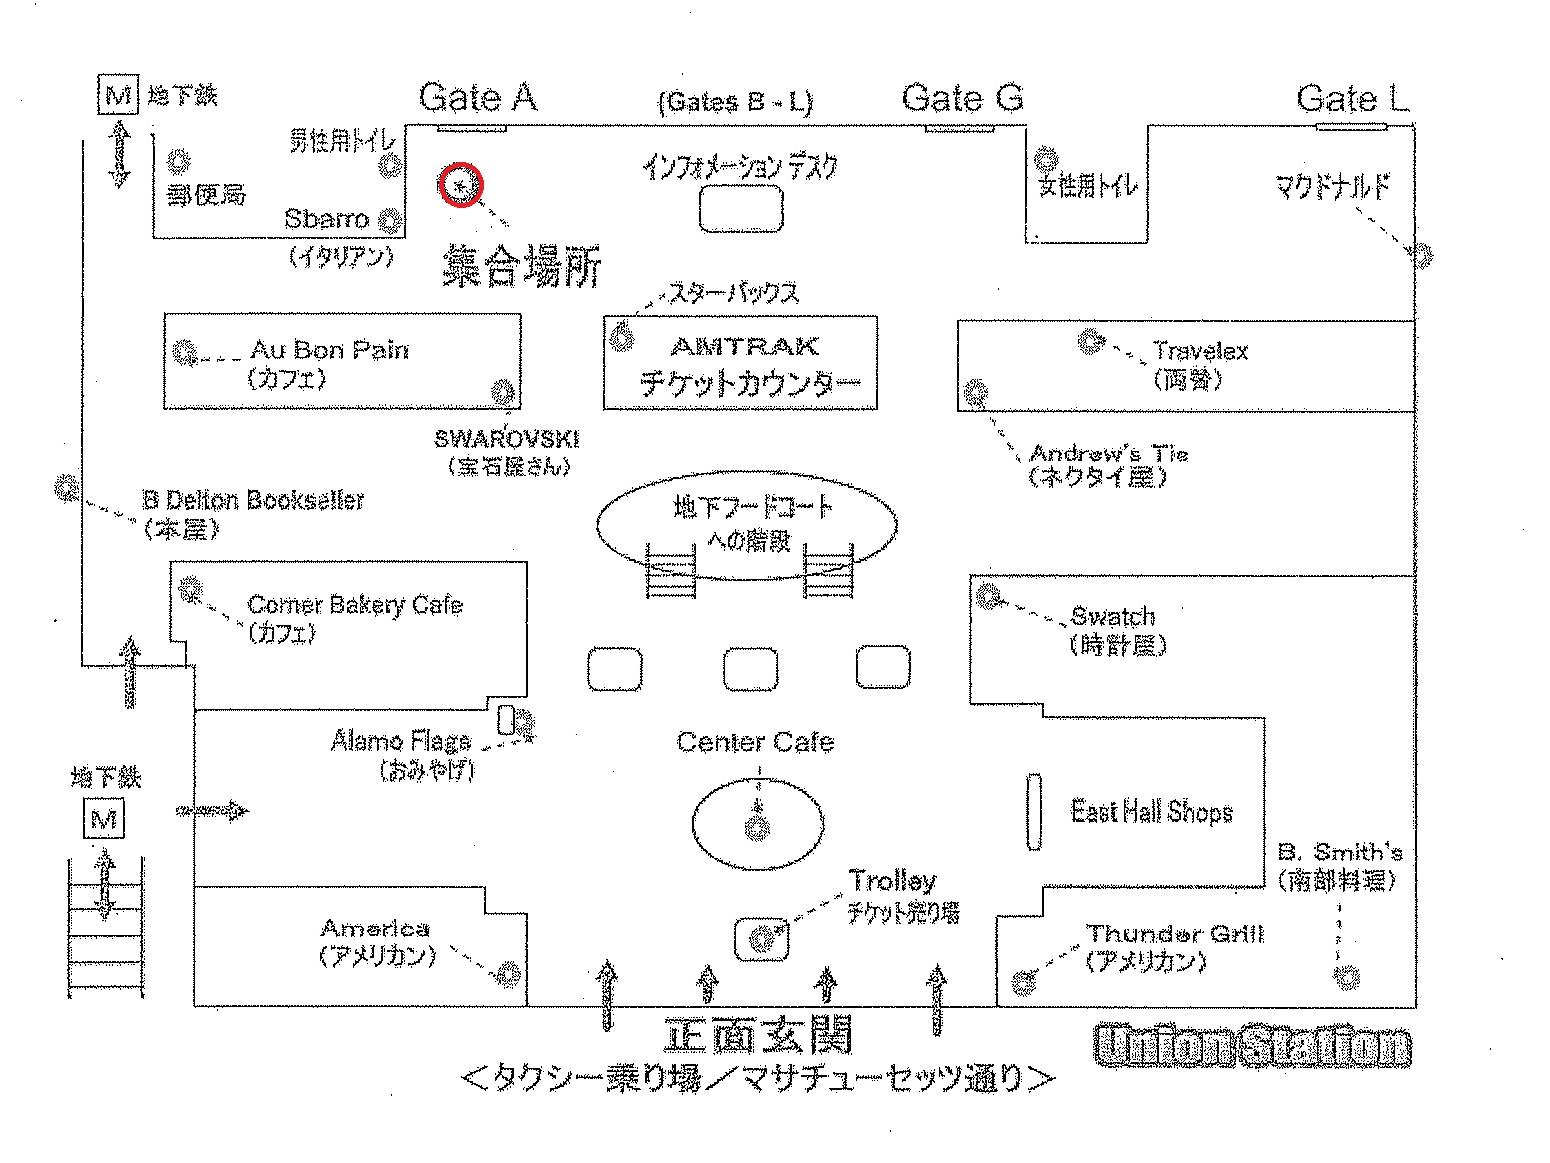 WASユニオン駅構内見取り図